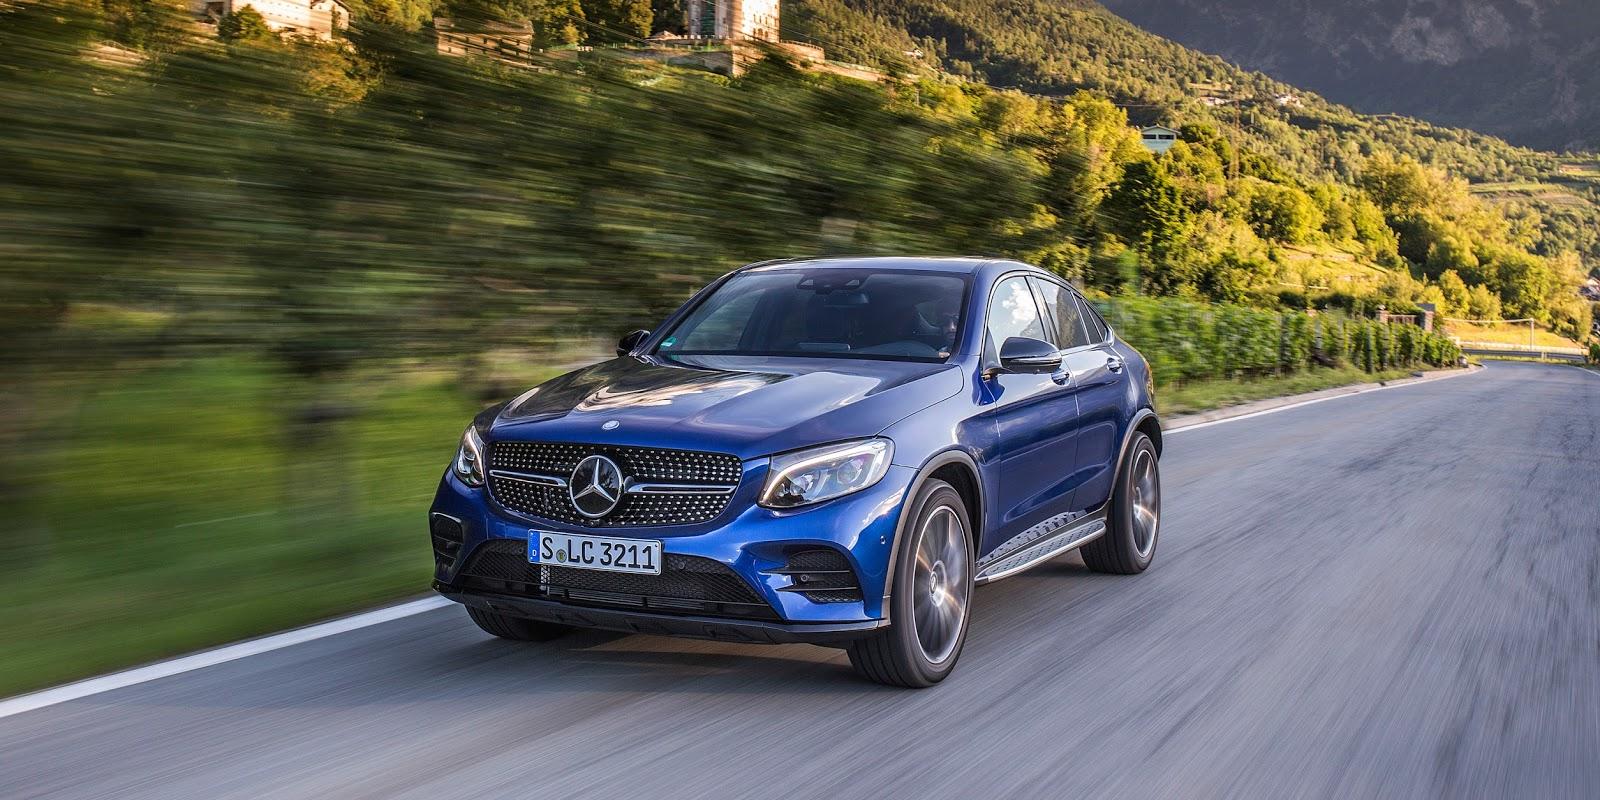 Mercedes Benz quá nhạy bén với Mercedes Benz GLC Coupe 2017